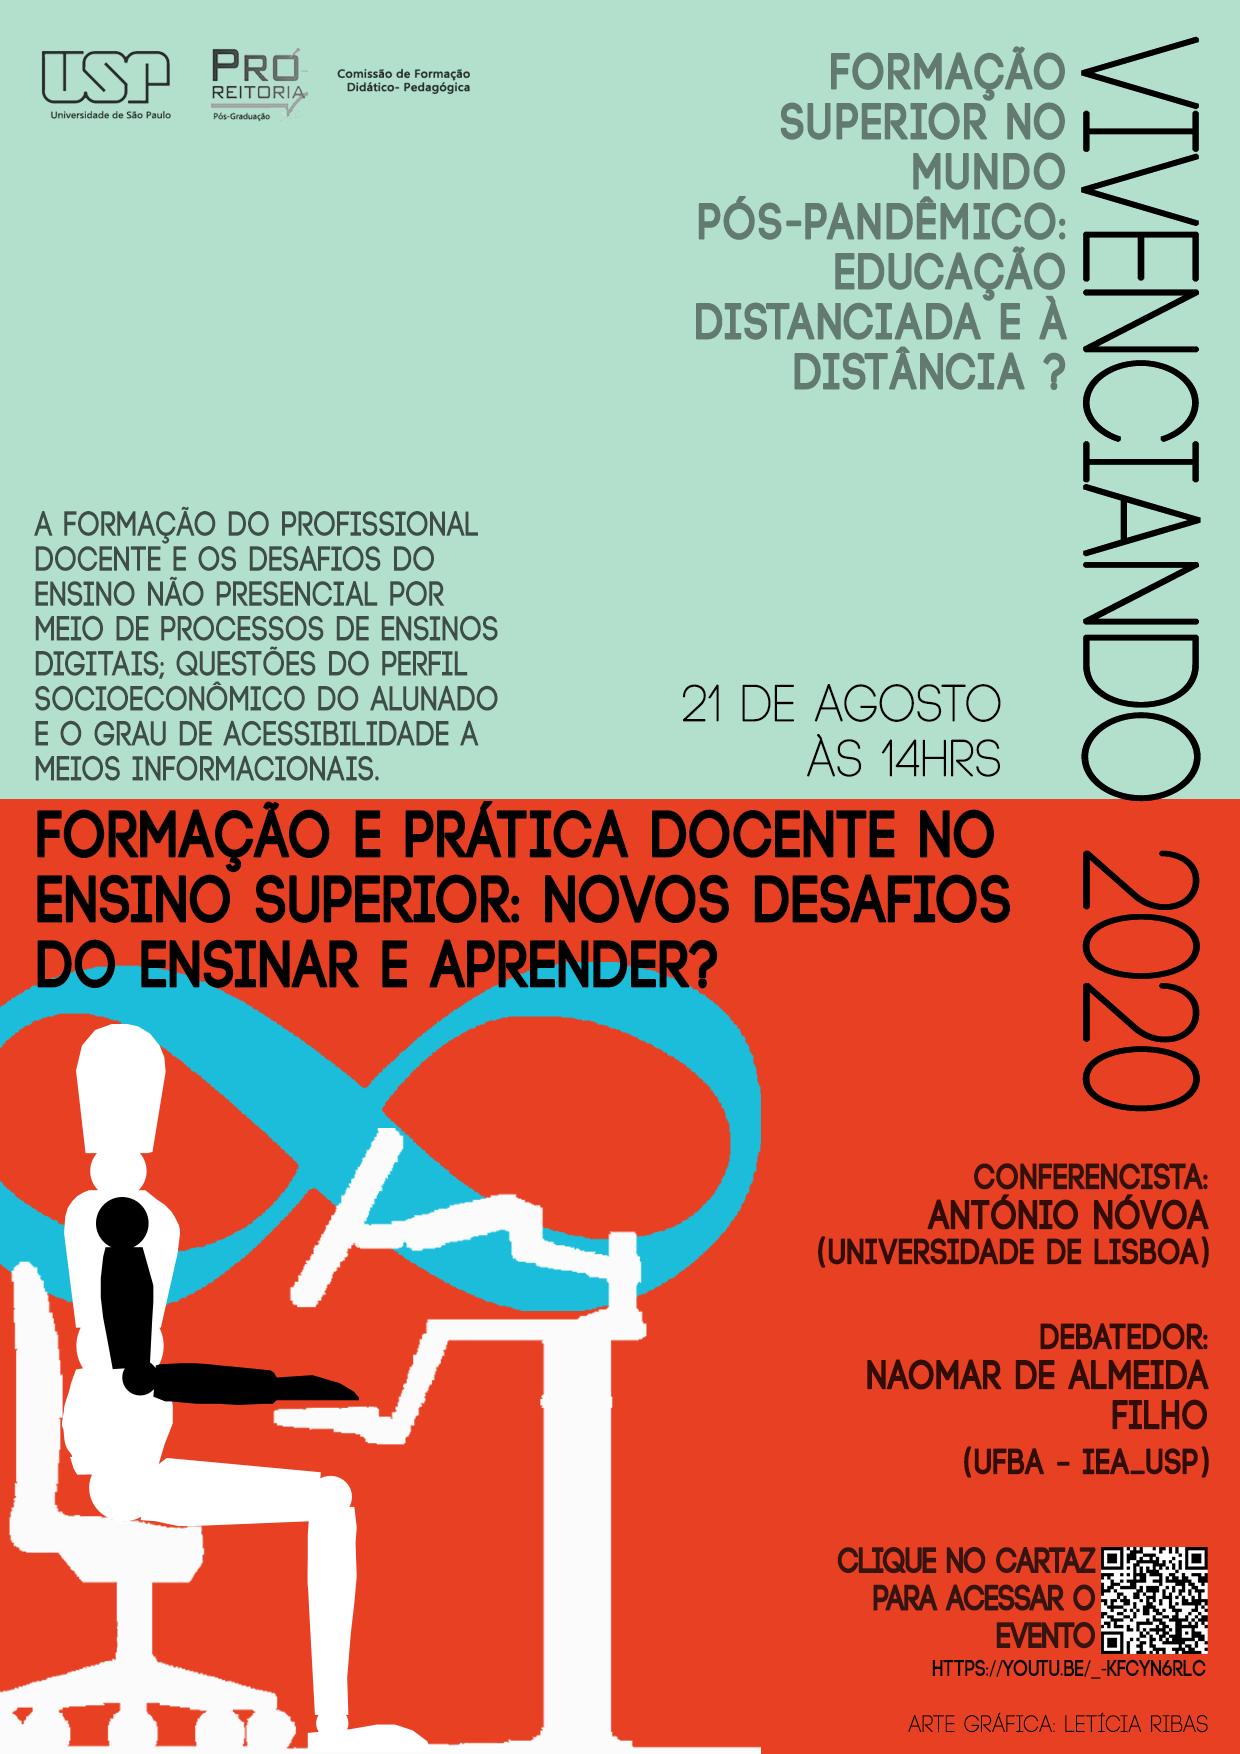 Vivenciando 2020: Formação e prática docente no ensino superior: novos desafios do ensinar e aprender.